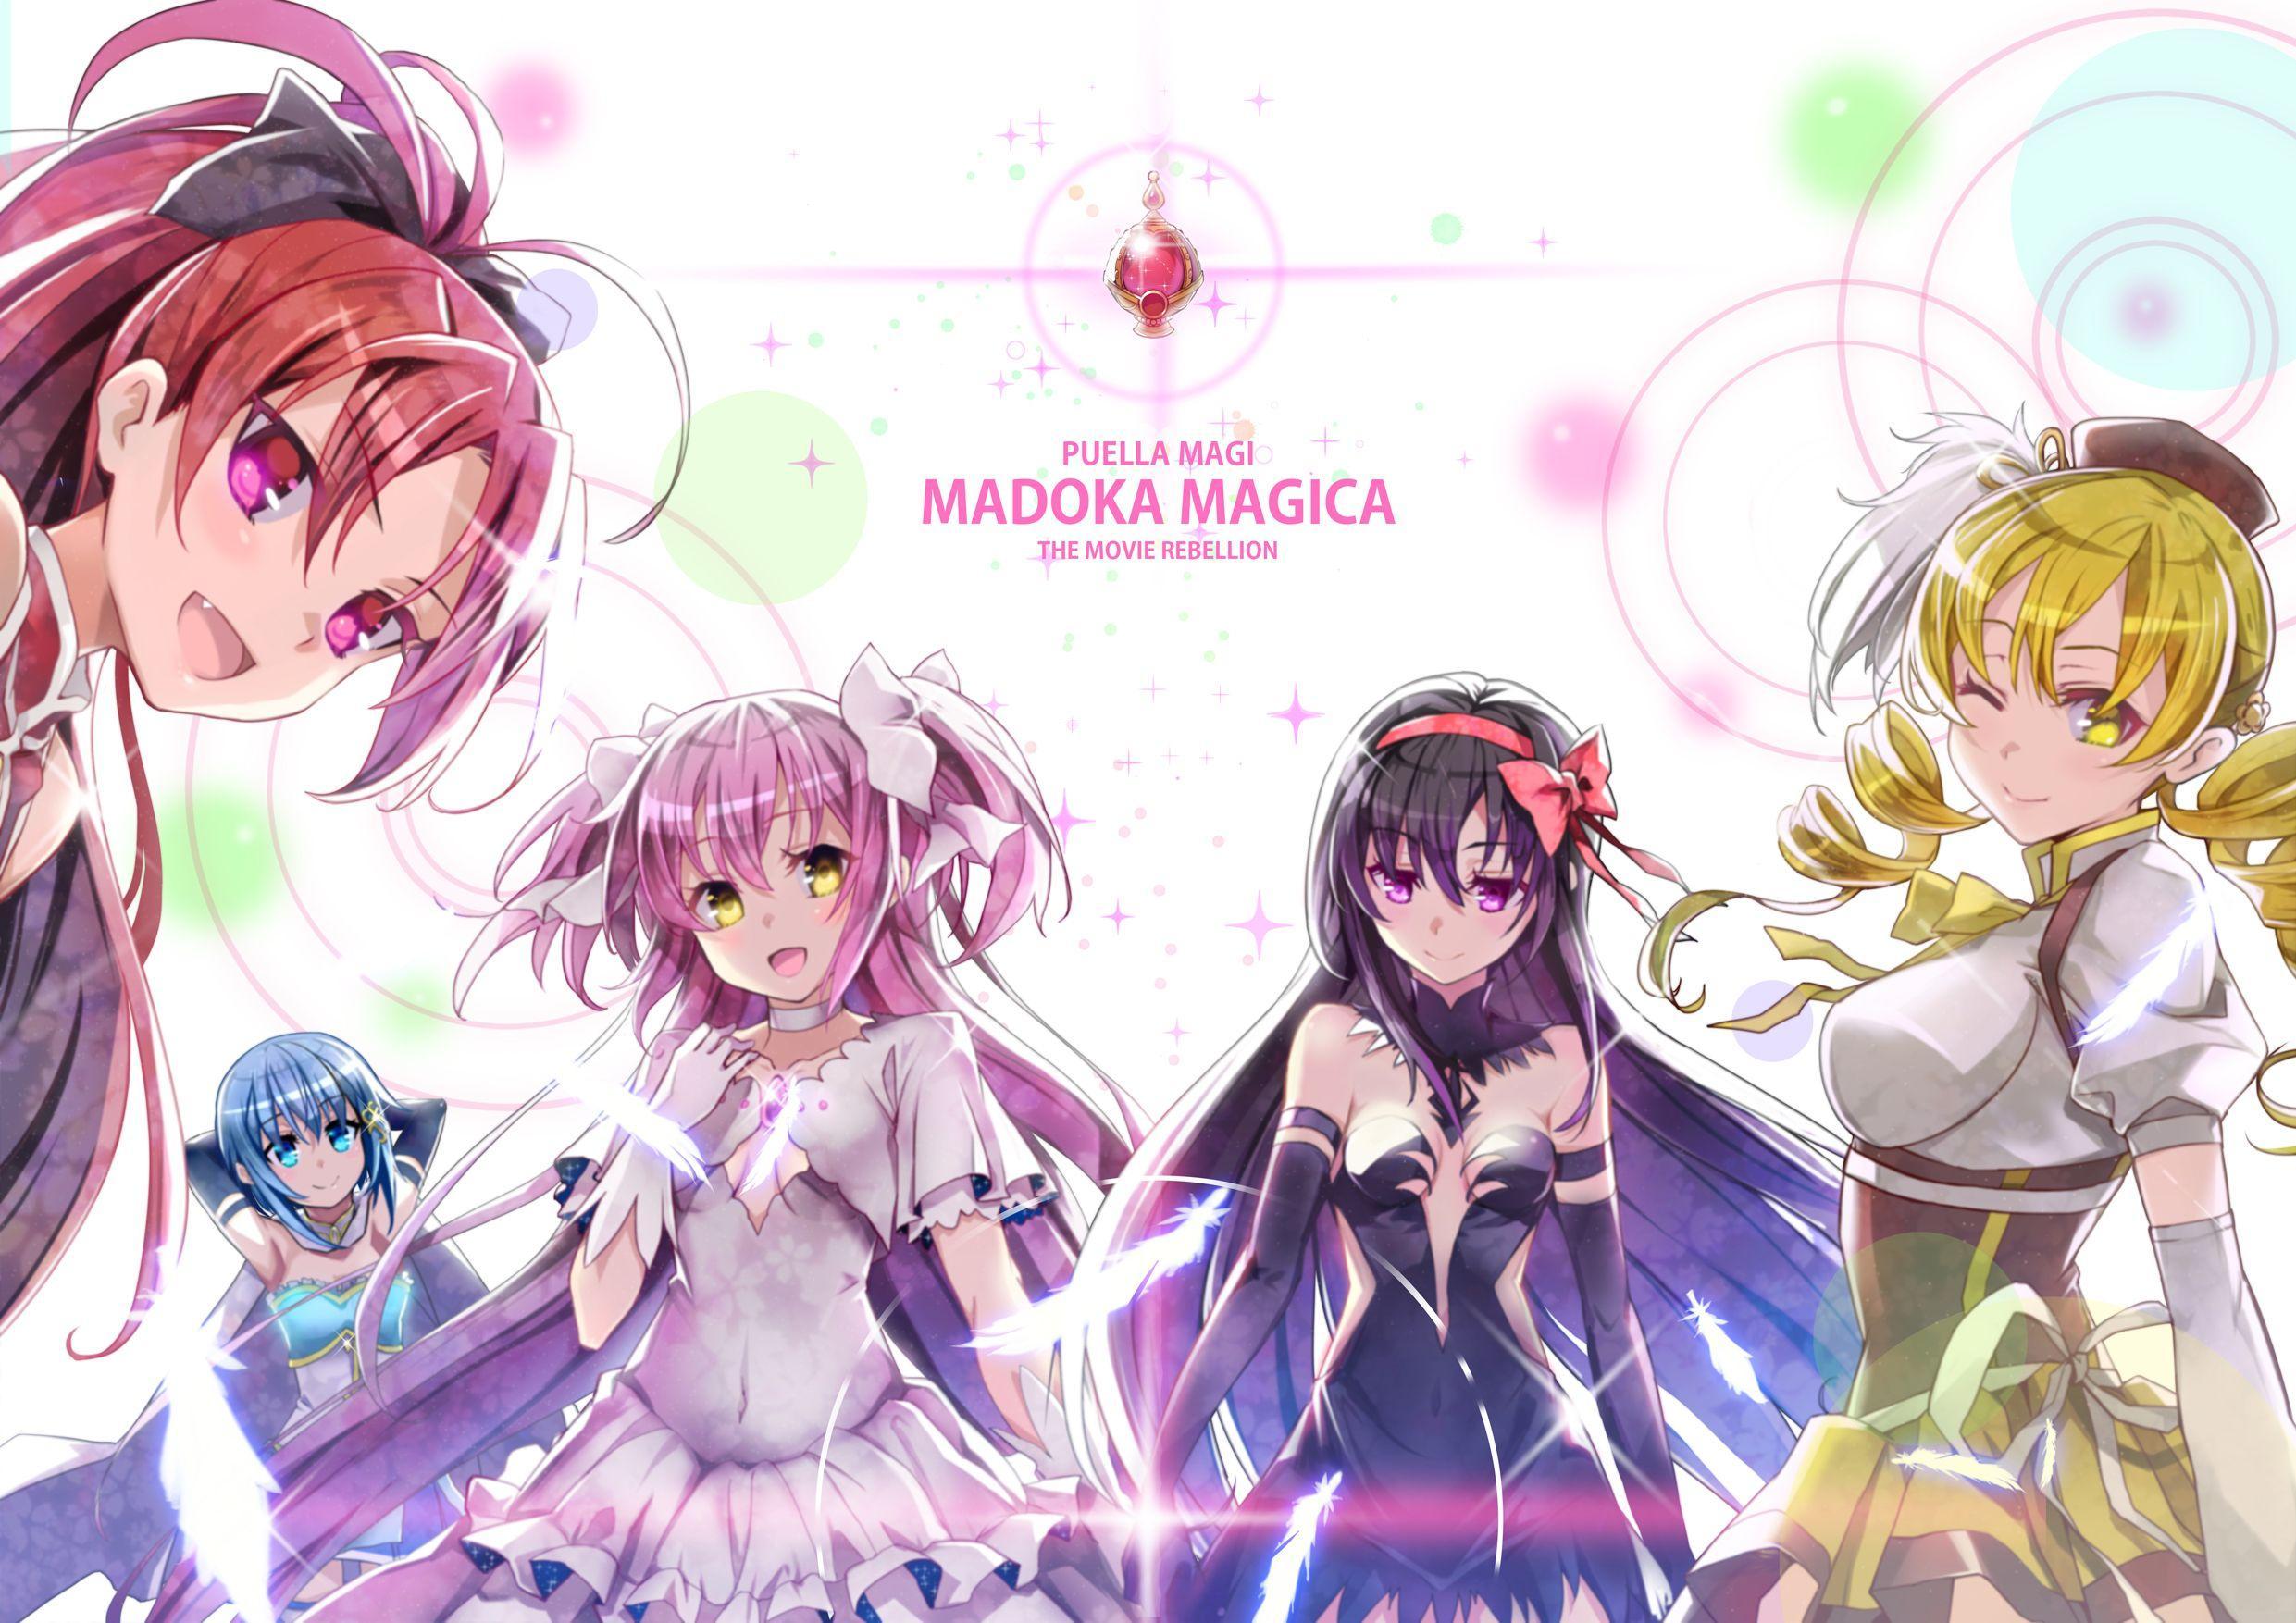 Puella Magi Madoka Magica Wallpapers Top Free Puella Magi Madoka